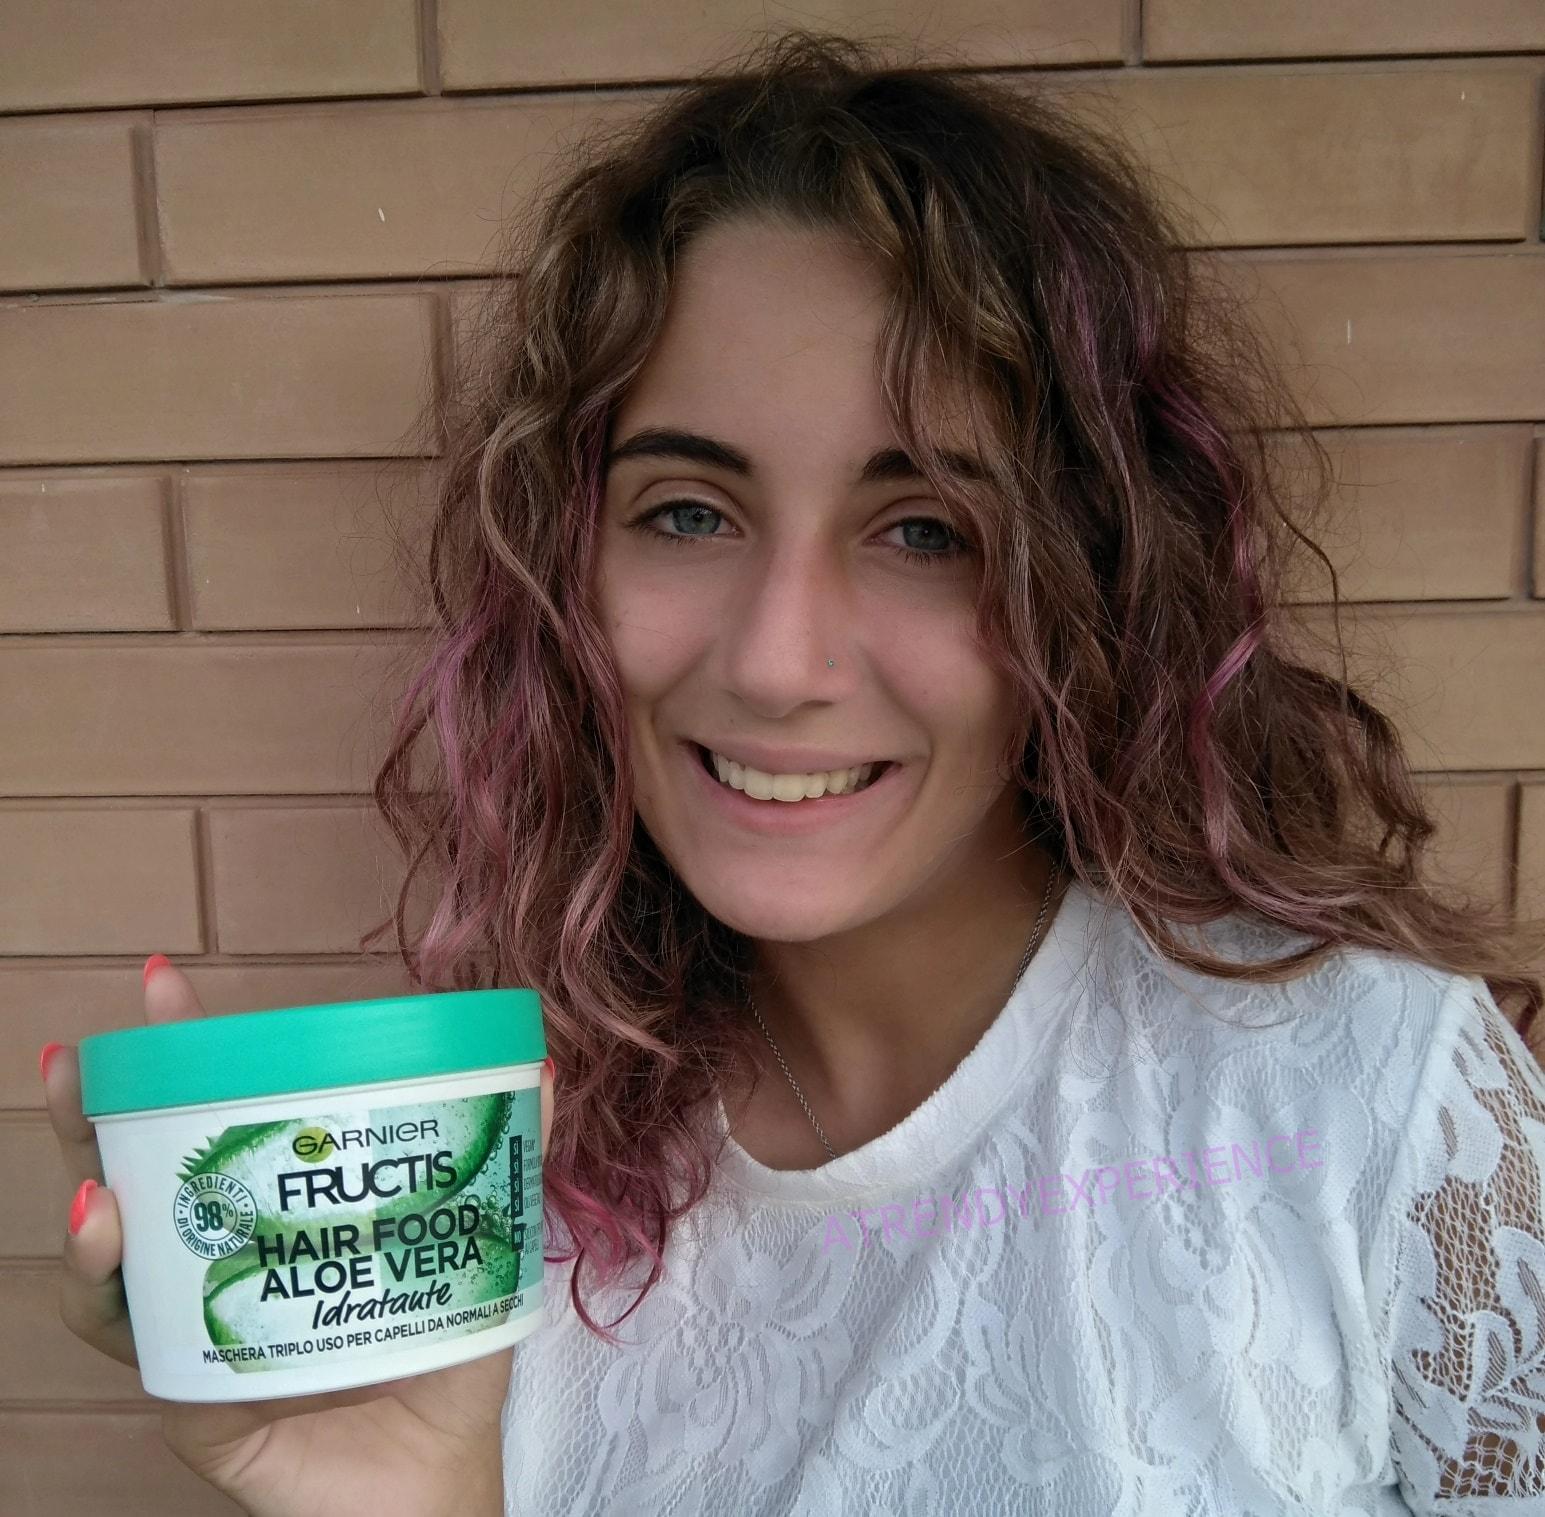 Garnier Fructis Hair Food Aloe risultato su capelli parzialmente asciutti